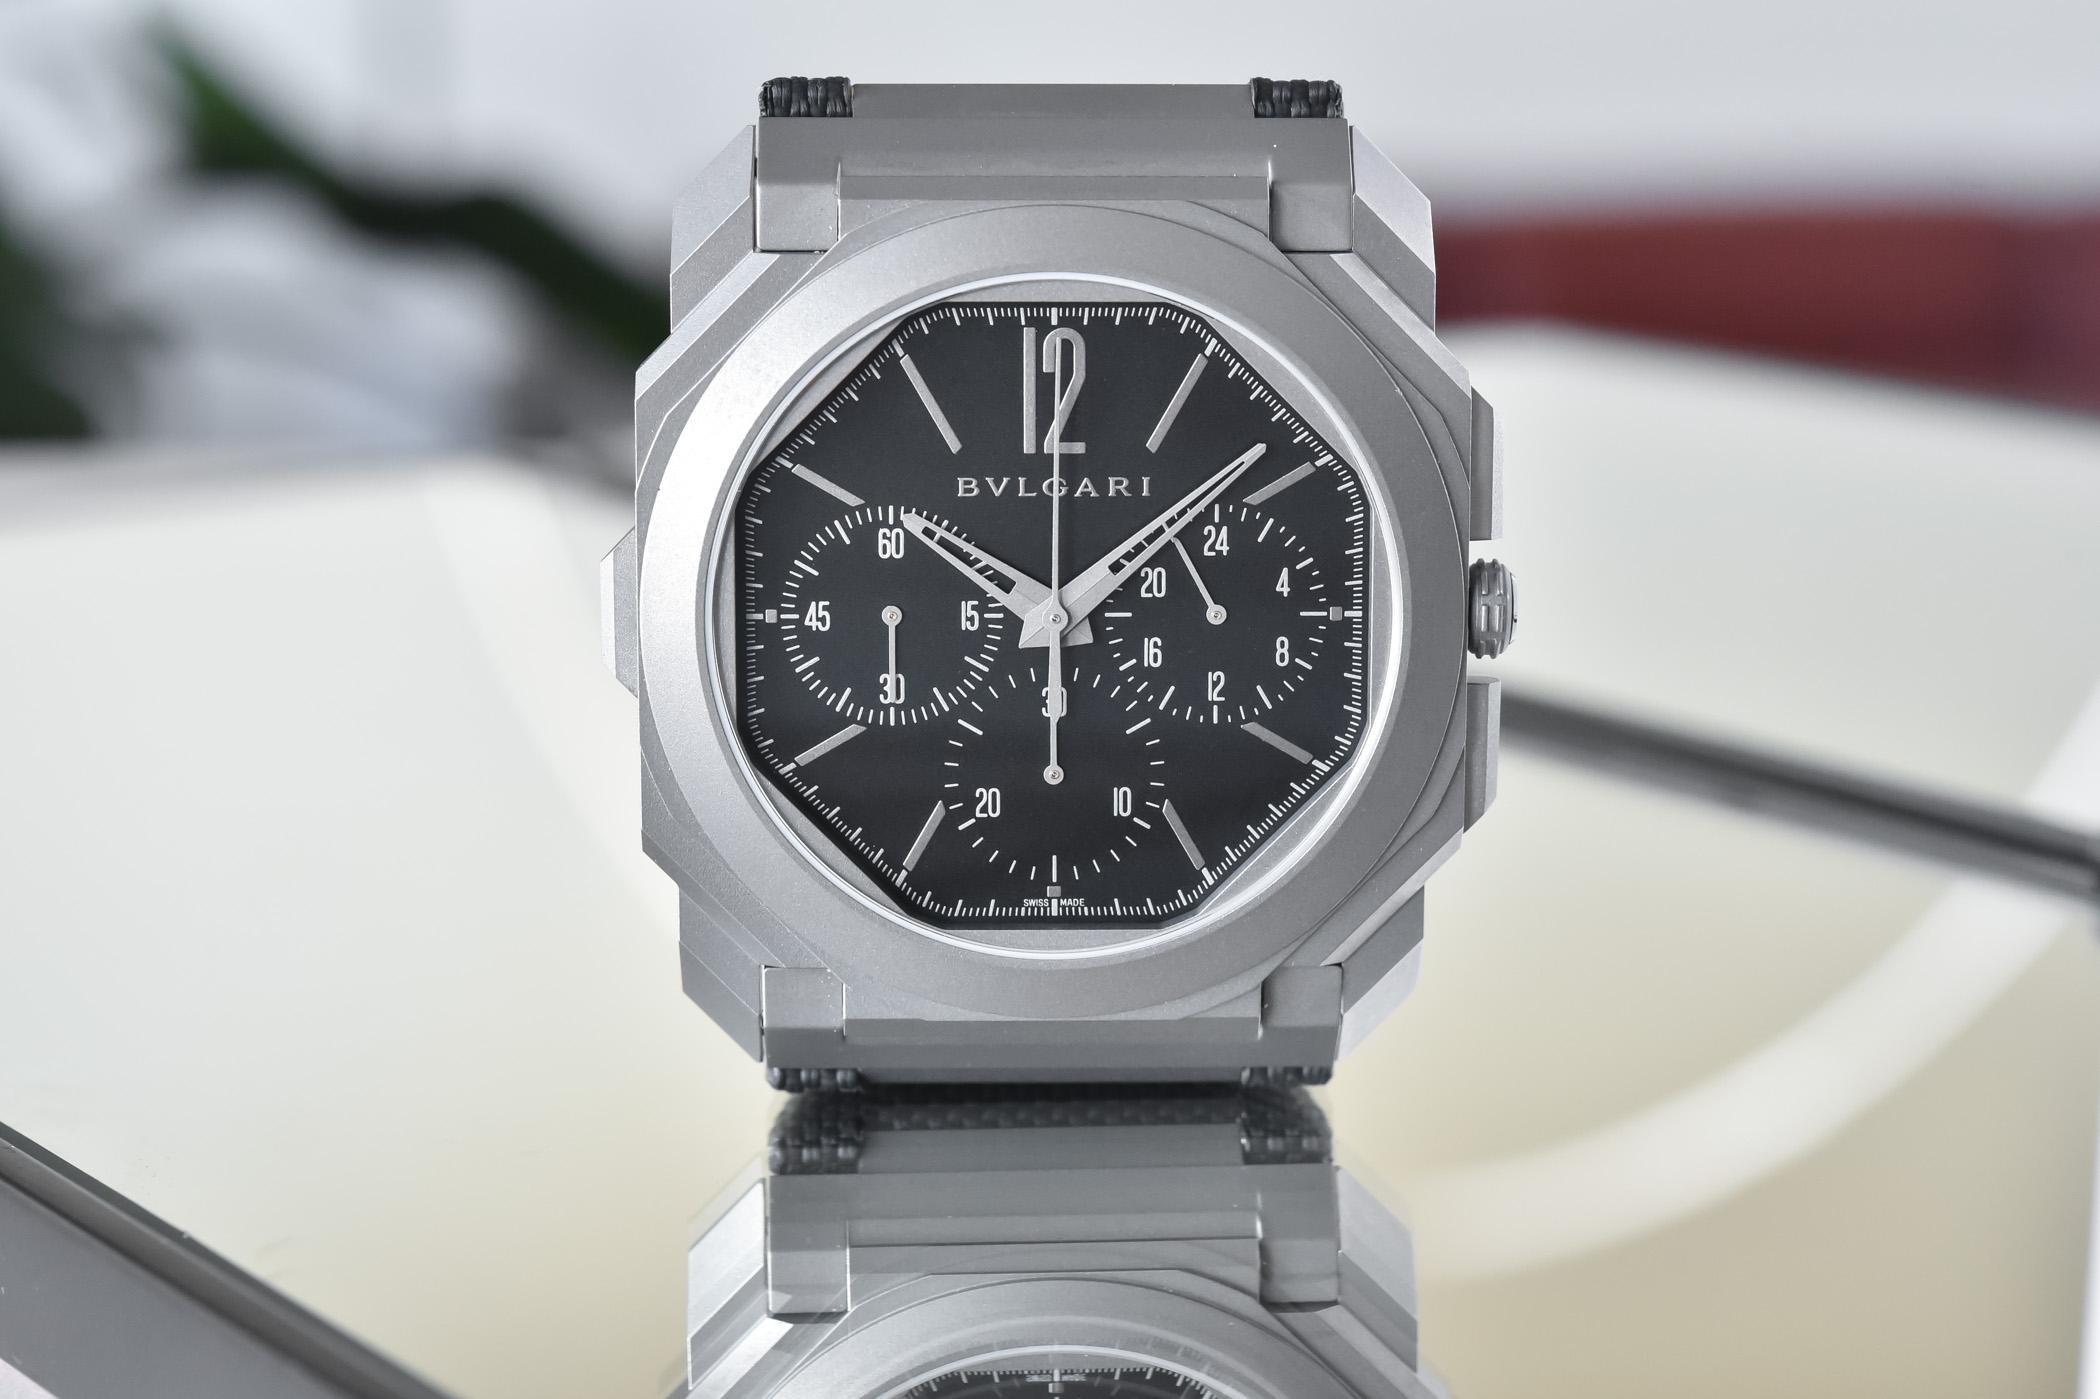 Bvlgari Octo Finissimo Chronograph GMT Titanium Black Dial Rubber strap